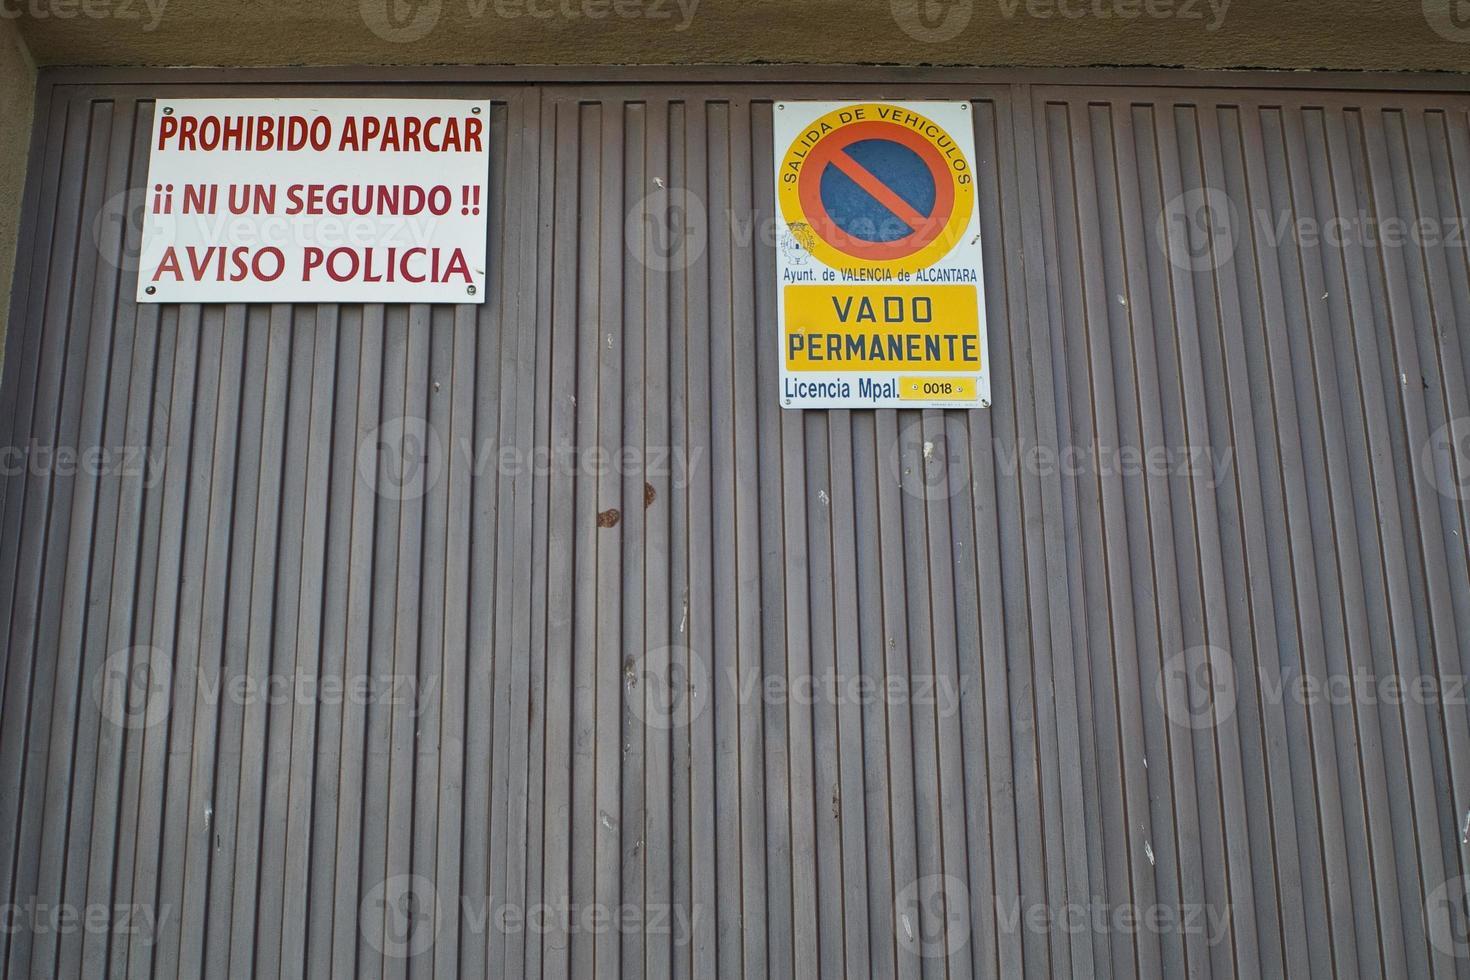 verbod aparcar foto